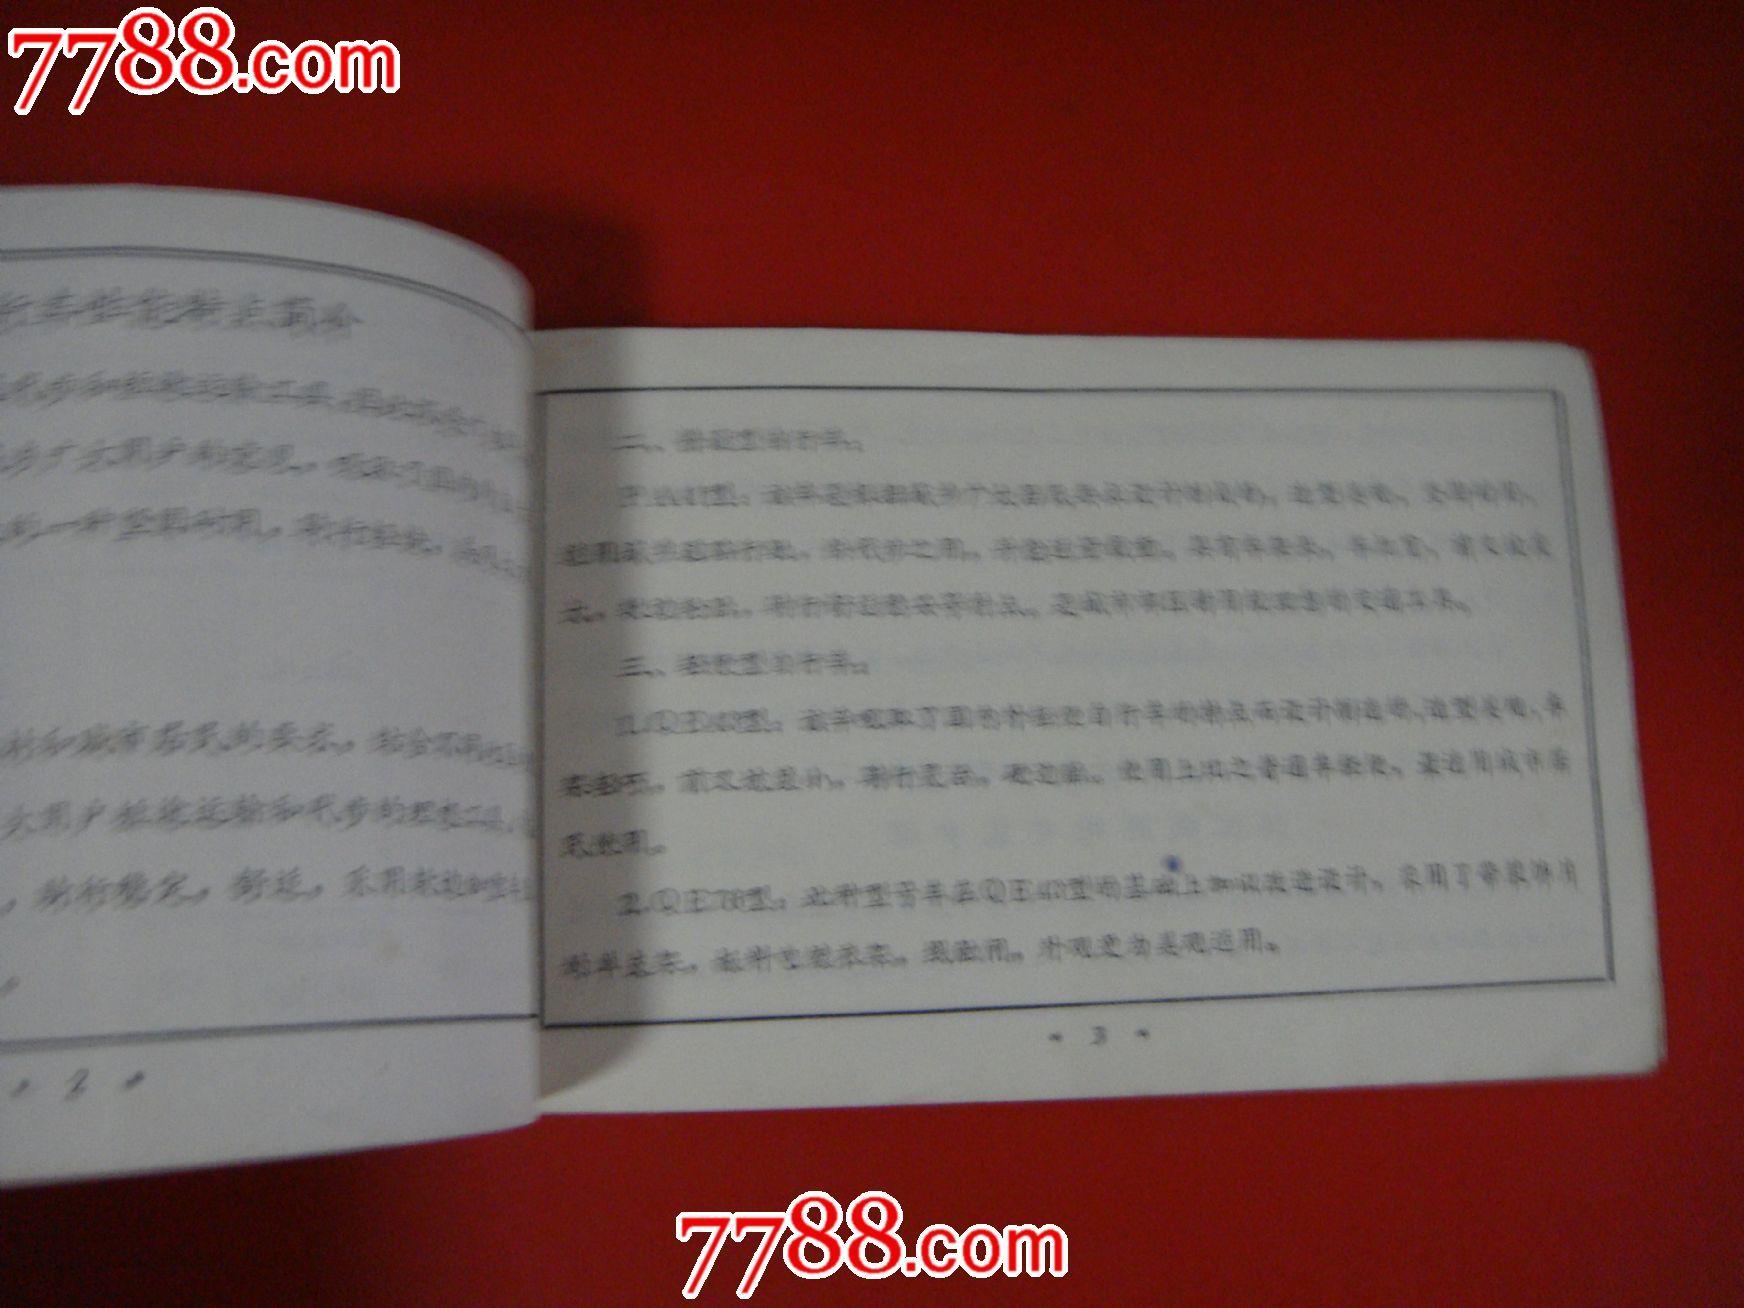 国营青岛自行车厂【金鹿牌自行车~说明书】(附;保险单.